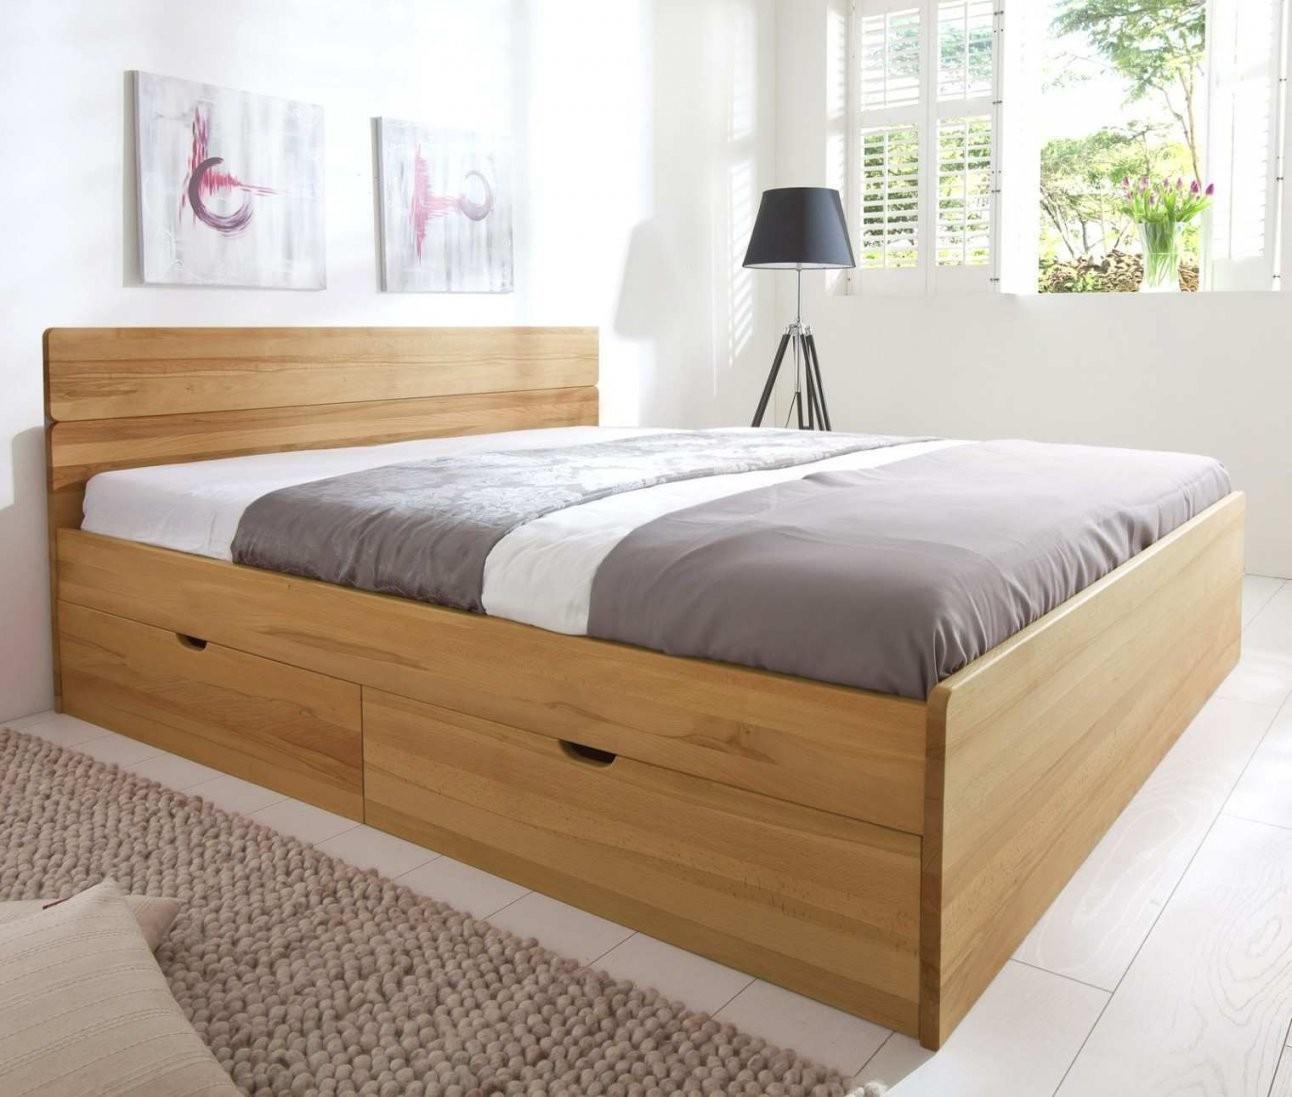 Ikea Bett 200×200 Prächtig 140×200 Beautiful Futonbett With 140×200 von Ikea Bett 200X200 Bild